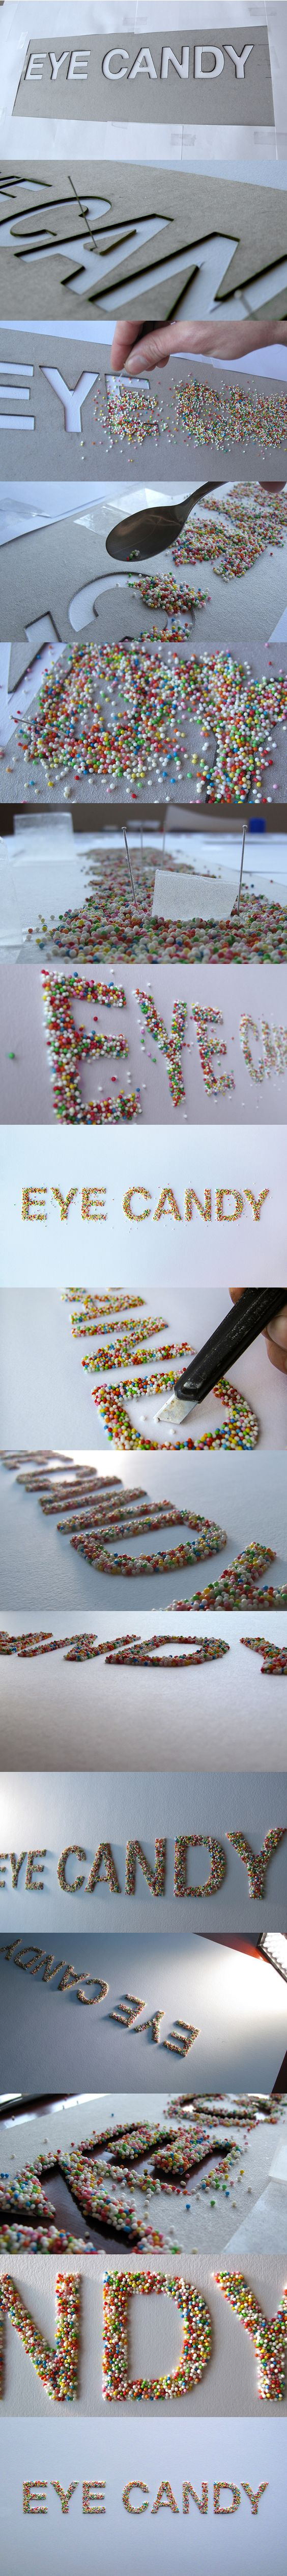 Eye Candy by Patrick Simons